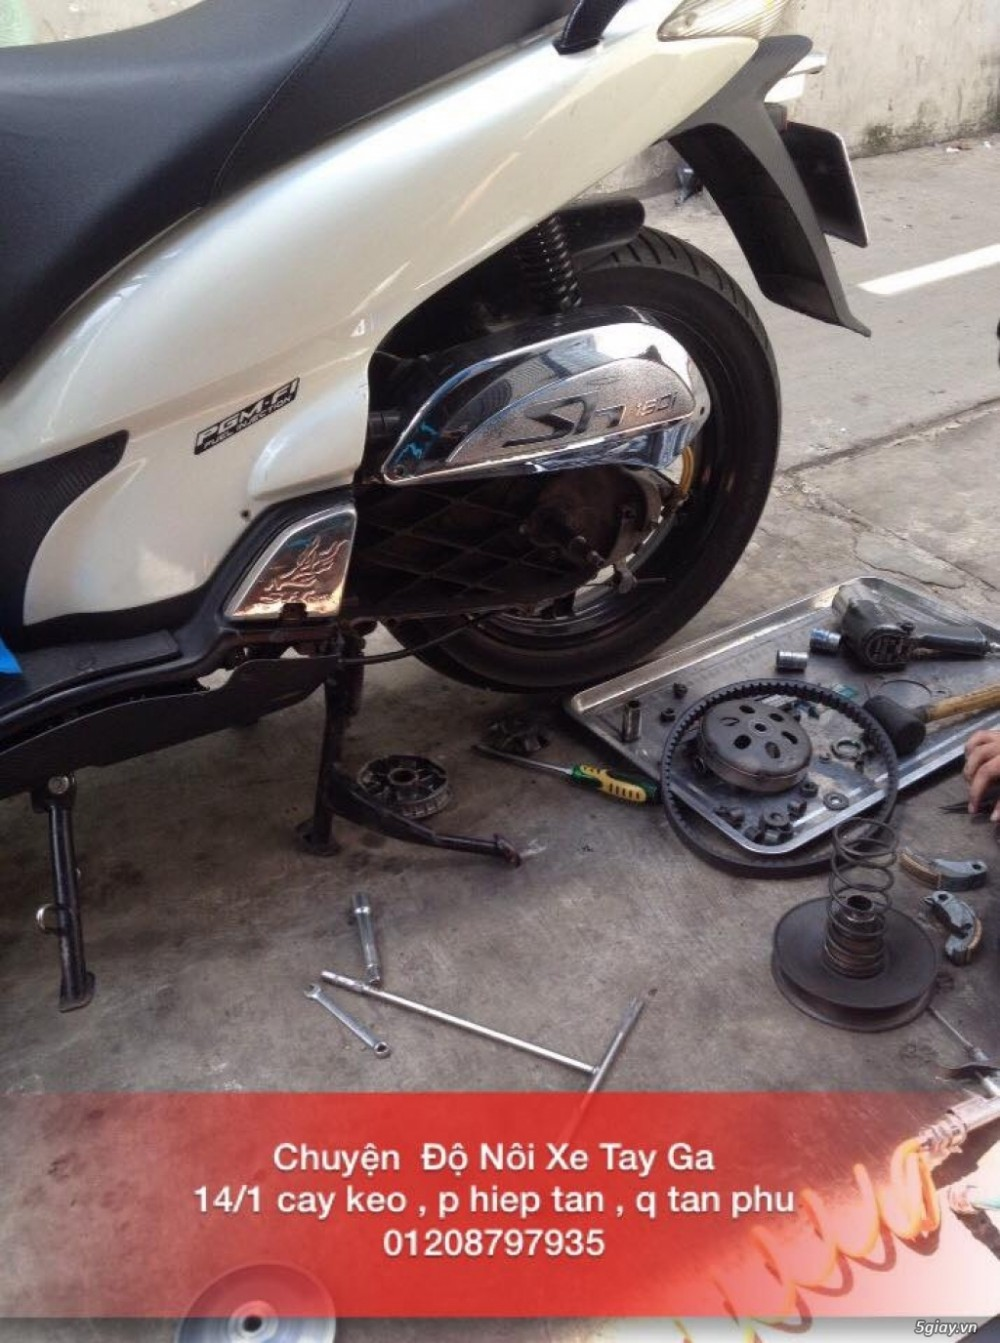 Chuyen Do Noi Xe Tay Ga Full Noi Noi Zin Bao Duong Ve Sinh Noi Cho Yamaha Honda Piago - 24